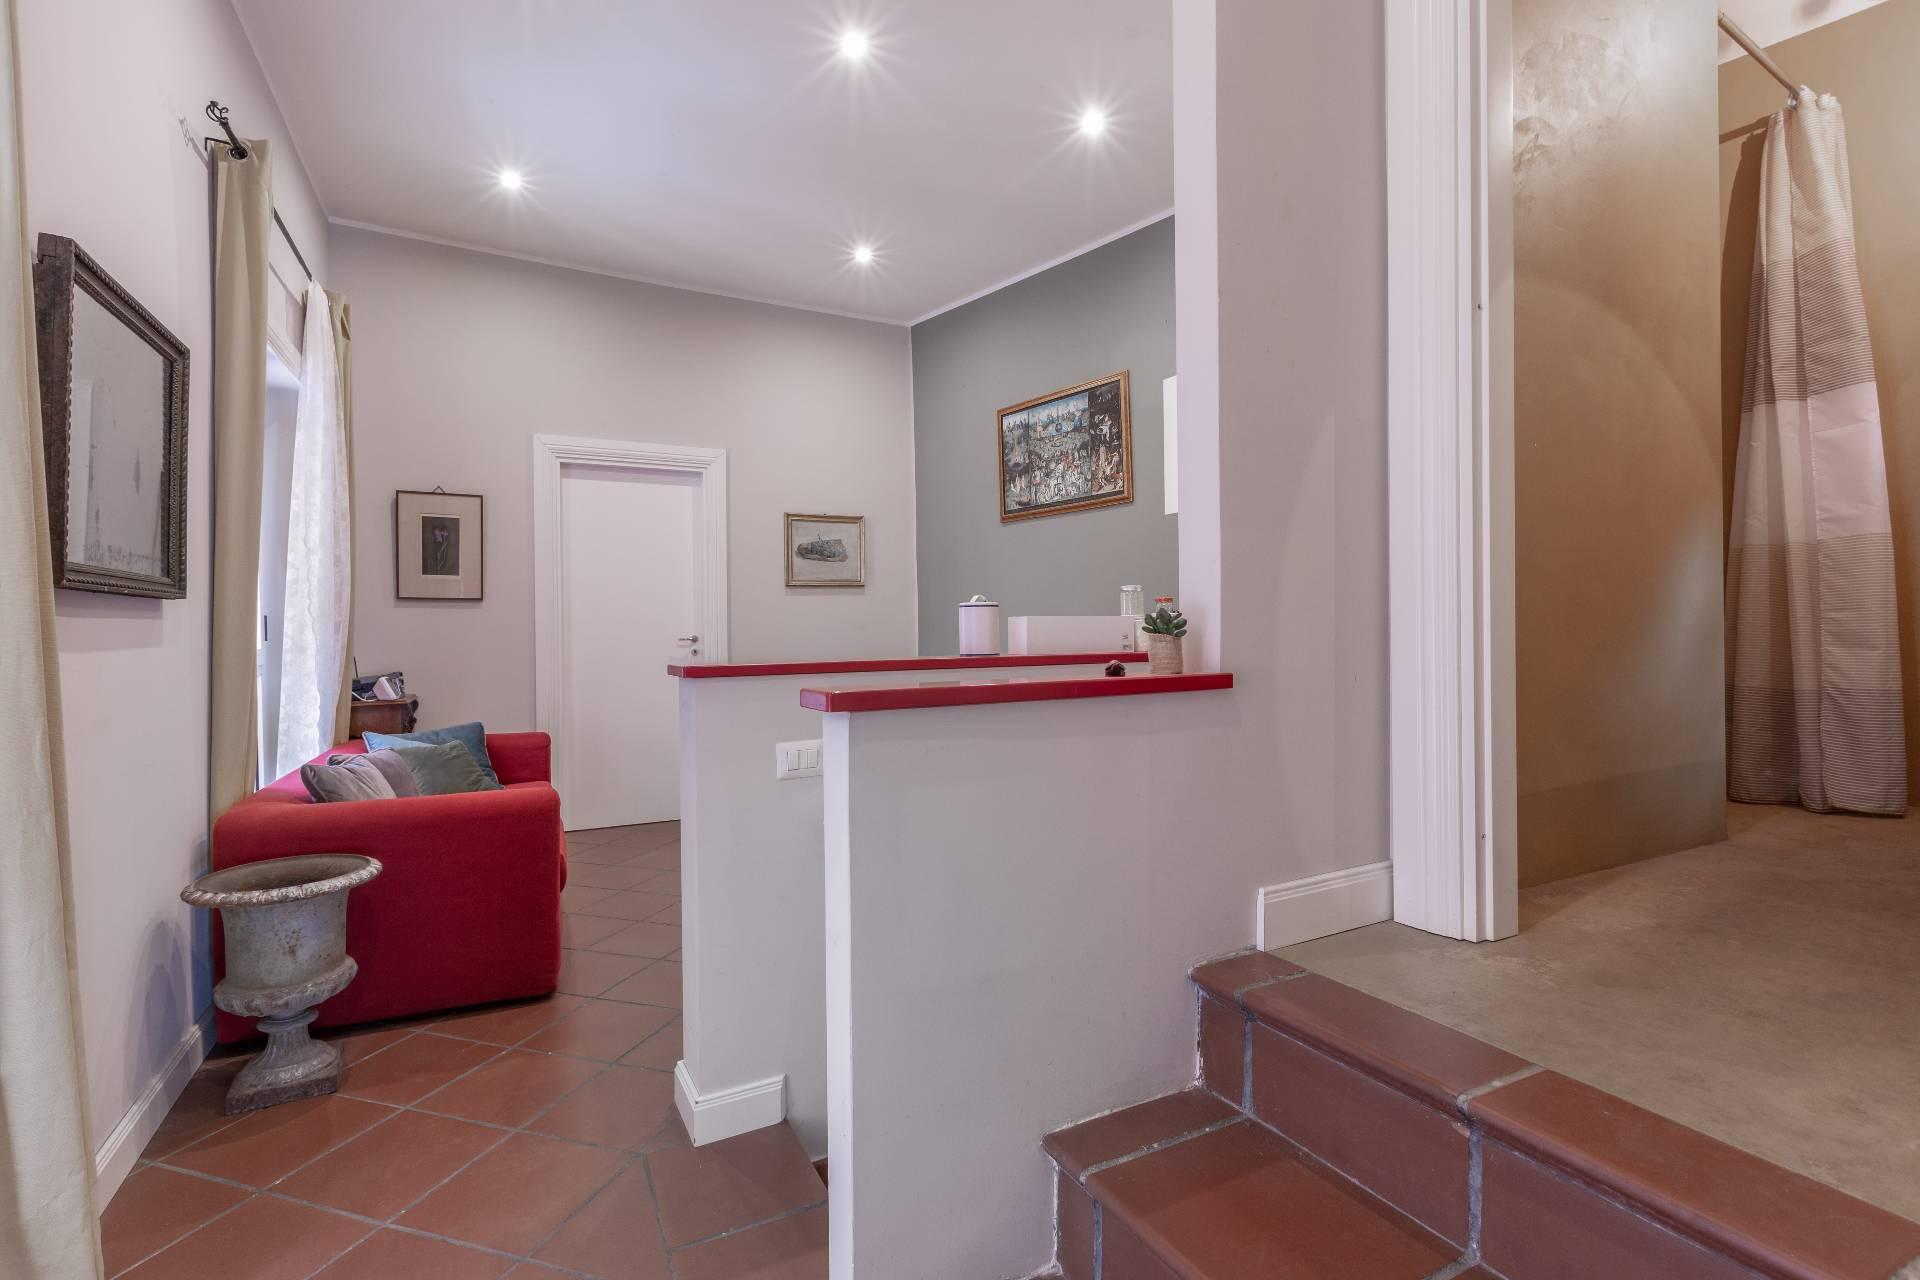 Casa indipendente in Vendita a Roma: 3 locali, 66 mq - Foto 3